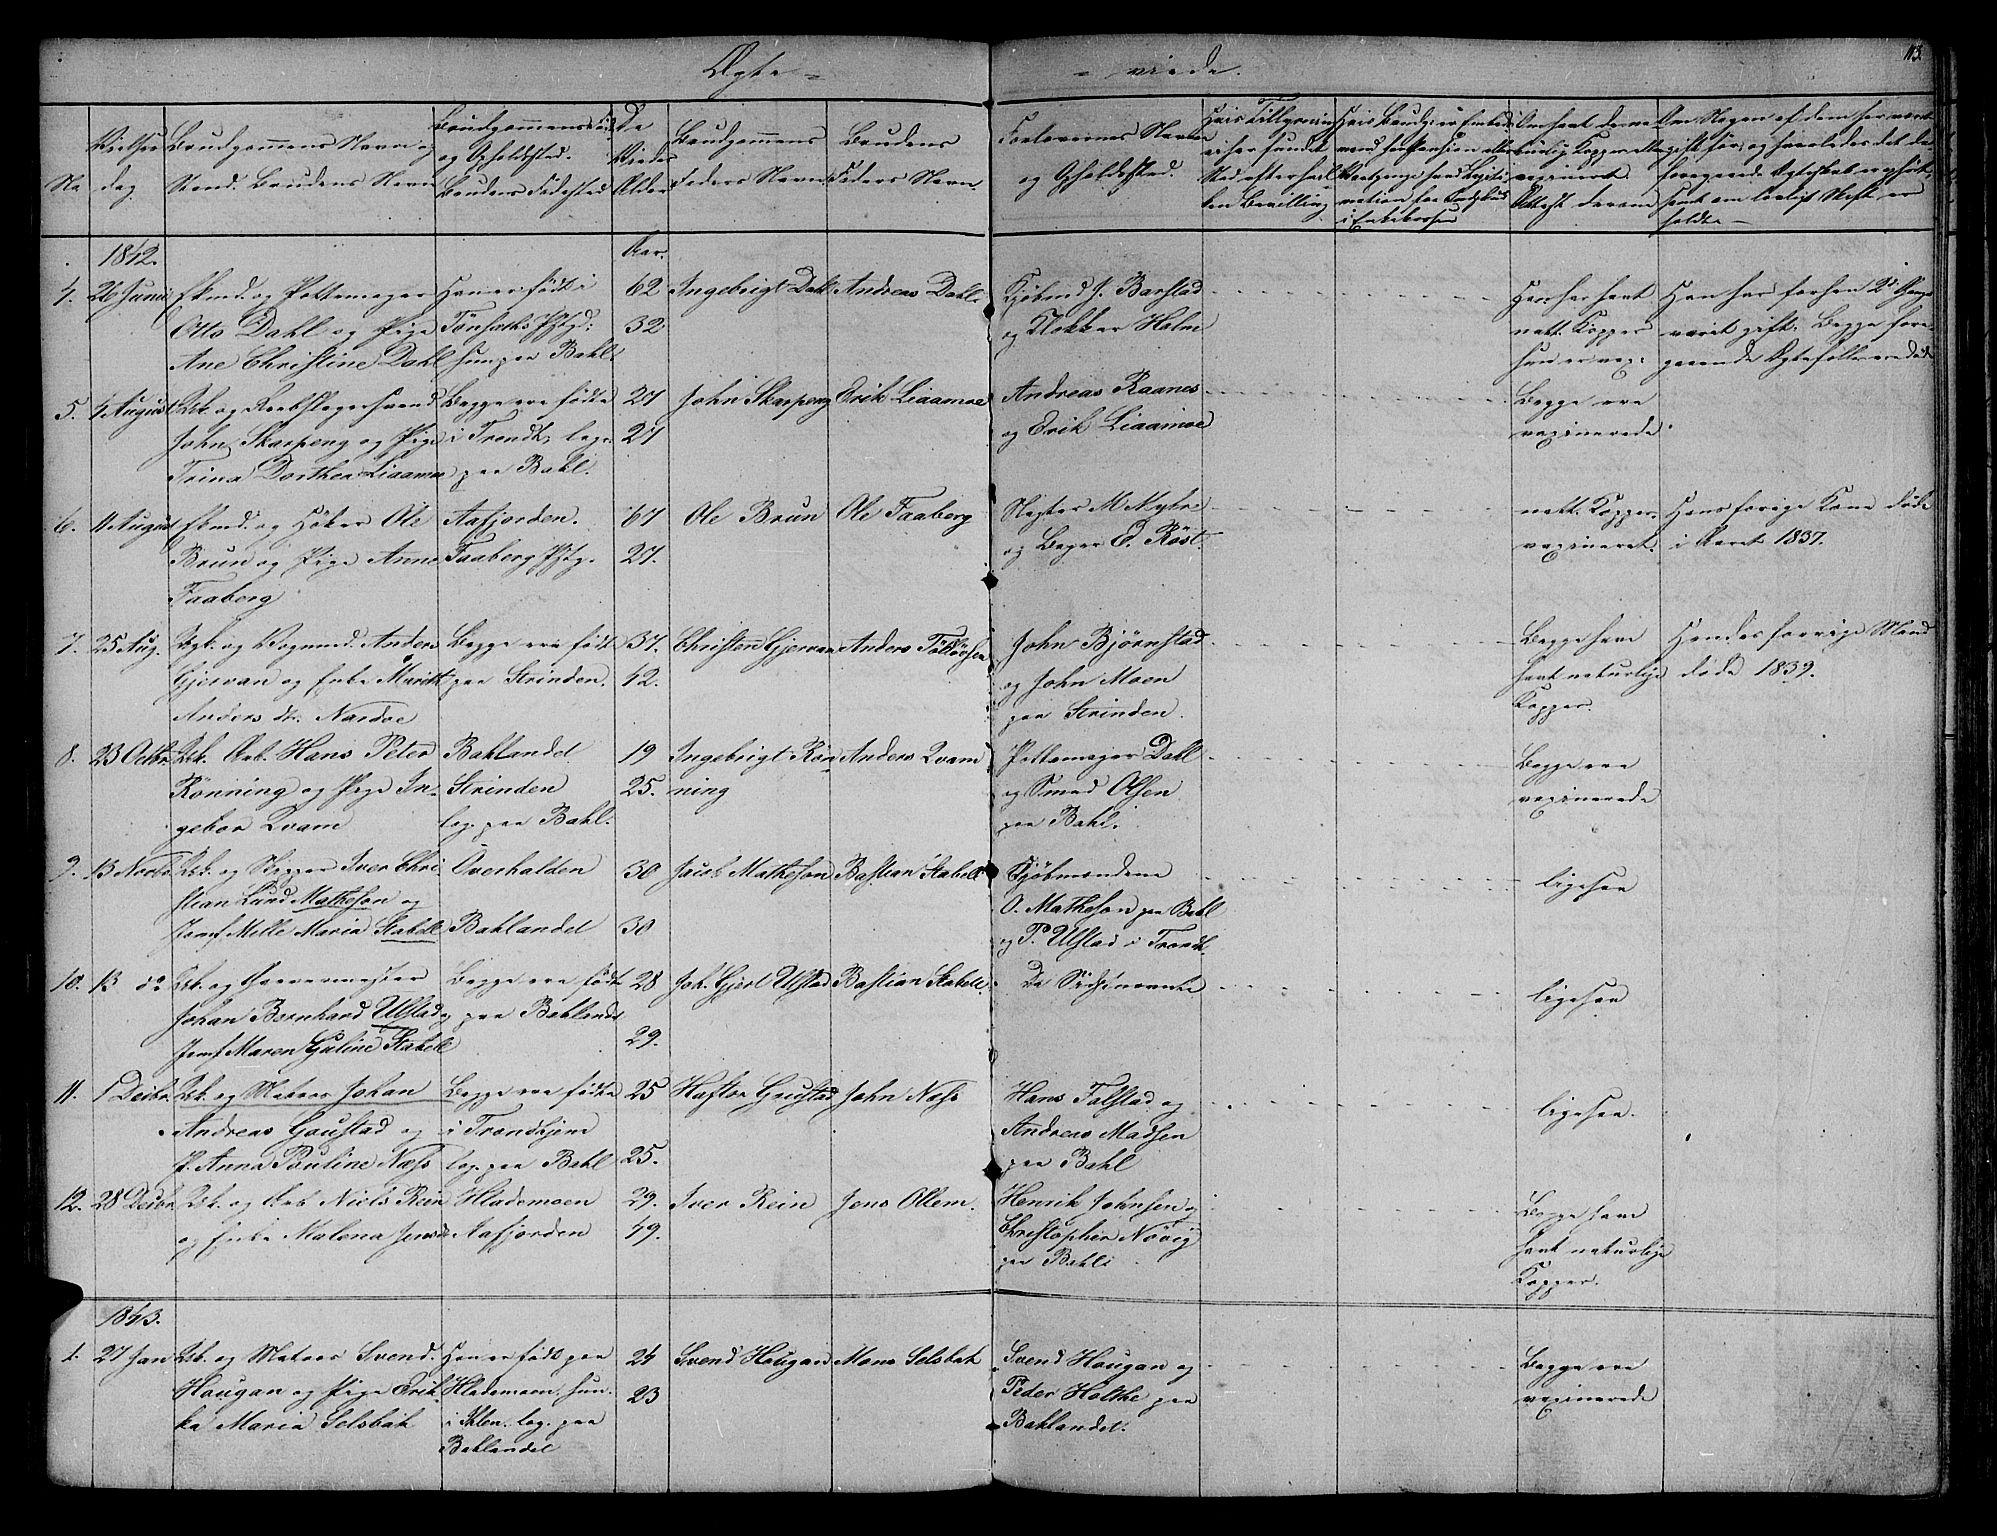 SAT, Ministerialprotokoller, klokkerbøker og fødselsregistre - Sør-Trøndelag, 604/L0182: Ministerialbok nr. 604A03, 1818-1850, s. 113